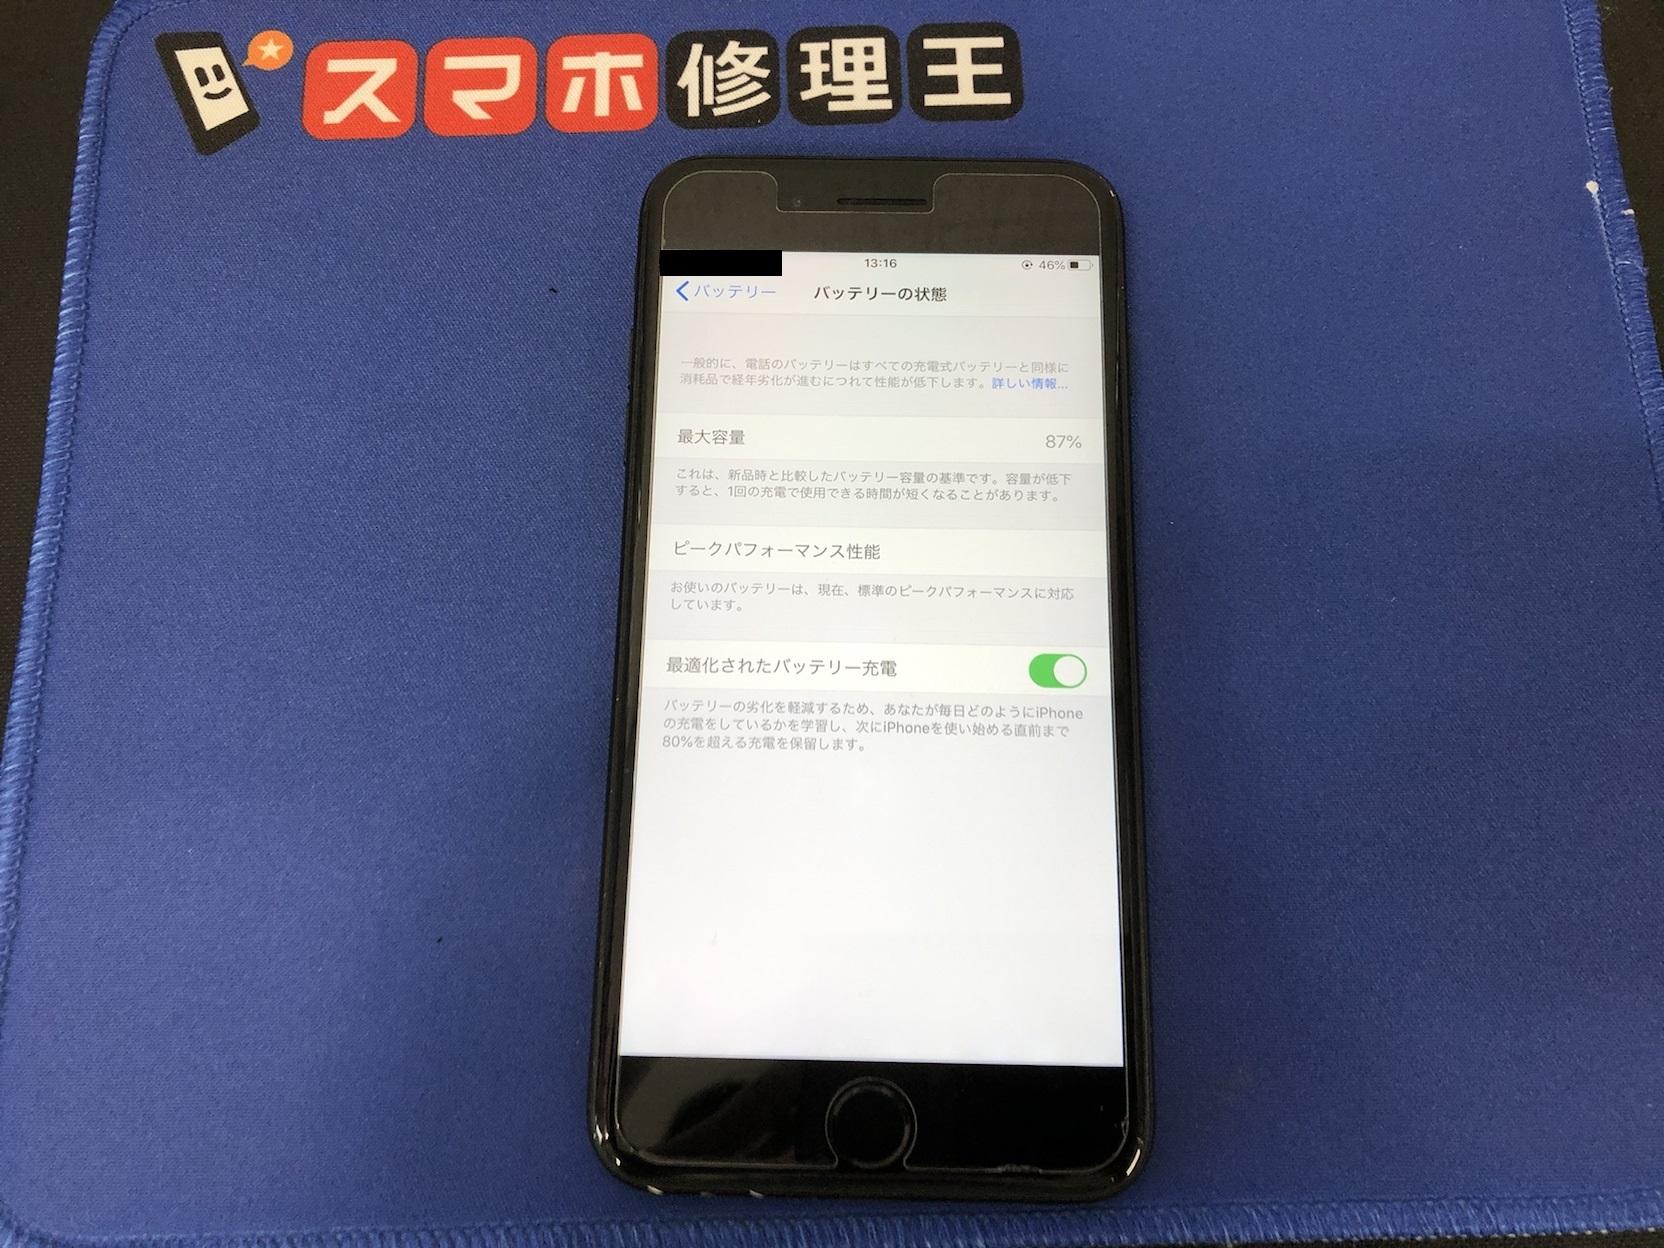 【即日修理】iPhone7Plus充電の減りが早い! 【スマホ修理王】